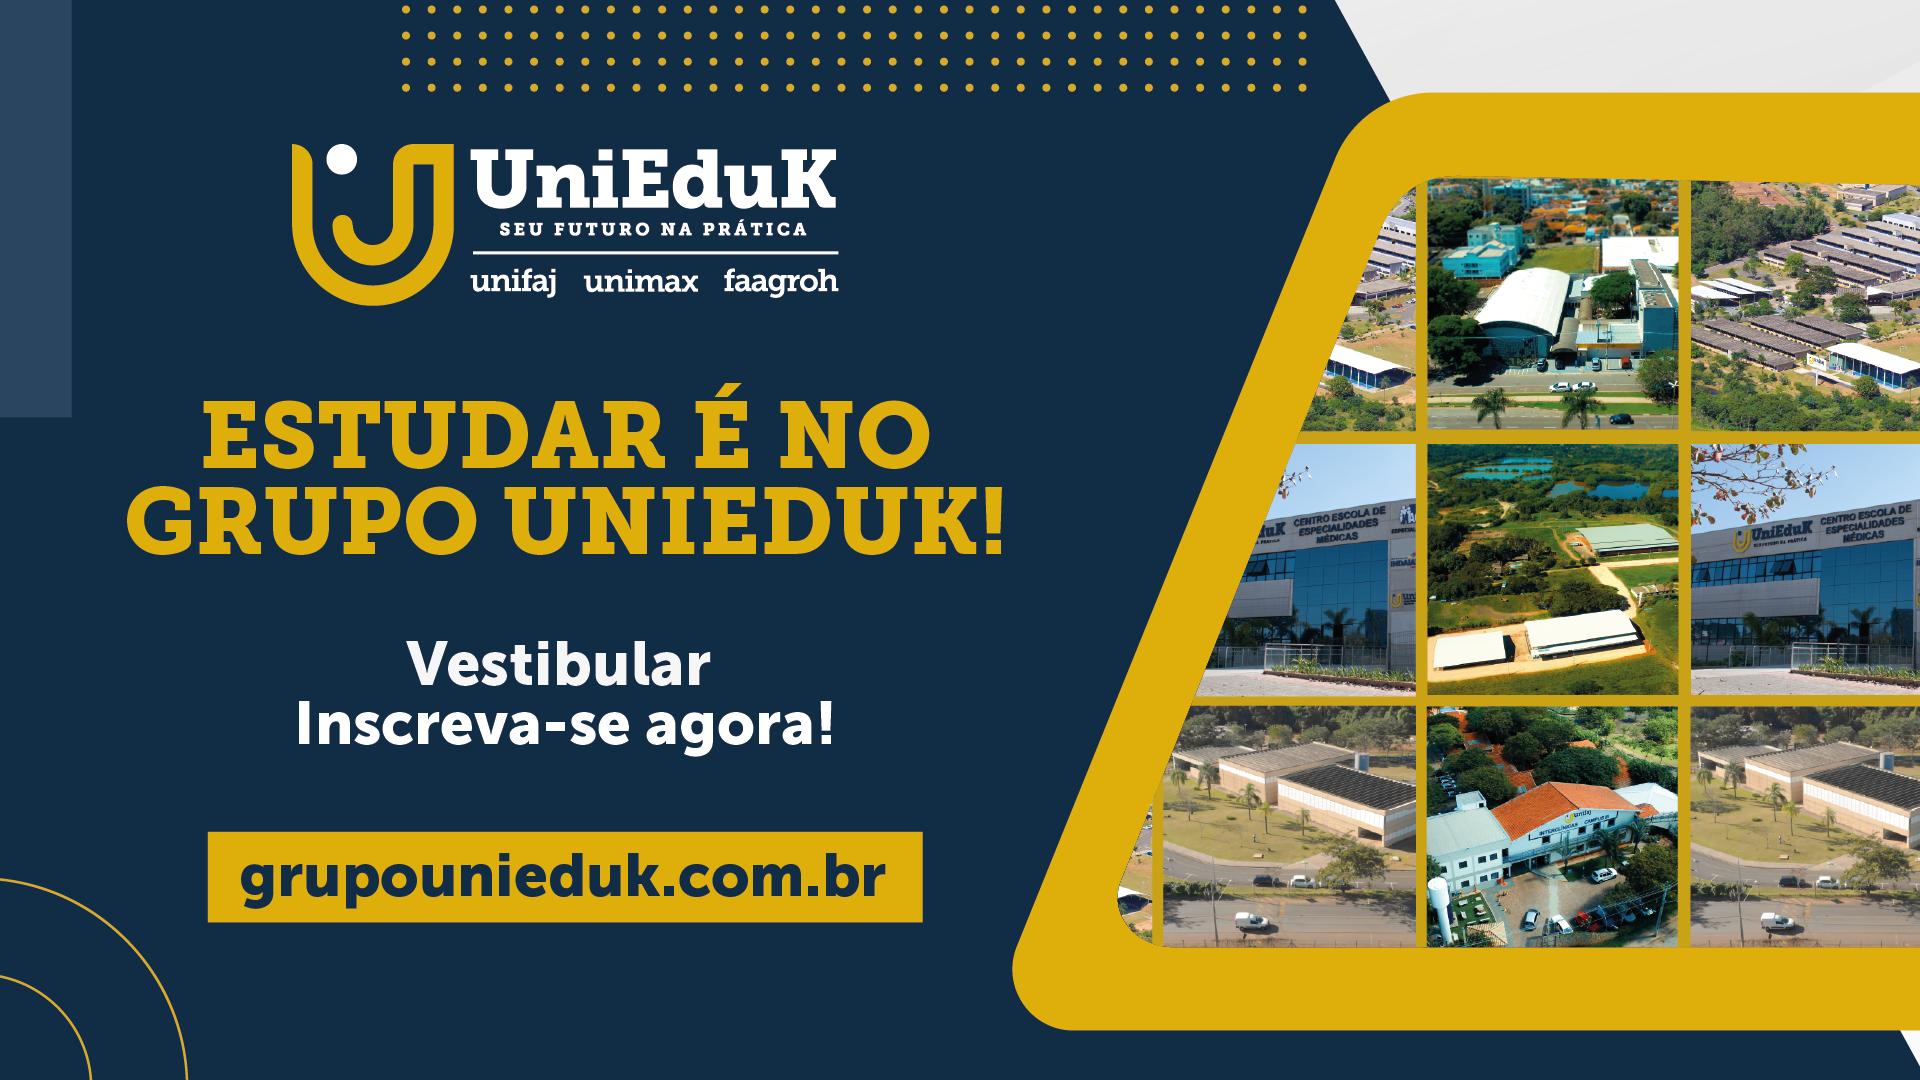 A capa traz uma arte de divulgação do vestibular mostrando as instalações do Grupo UniEduK.